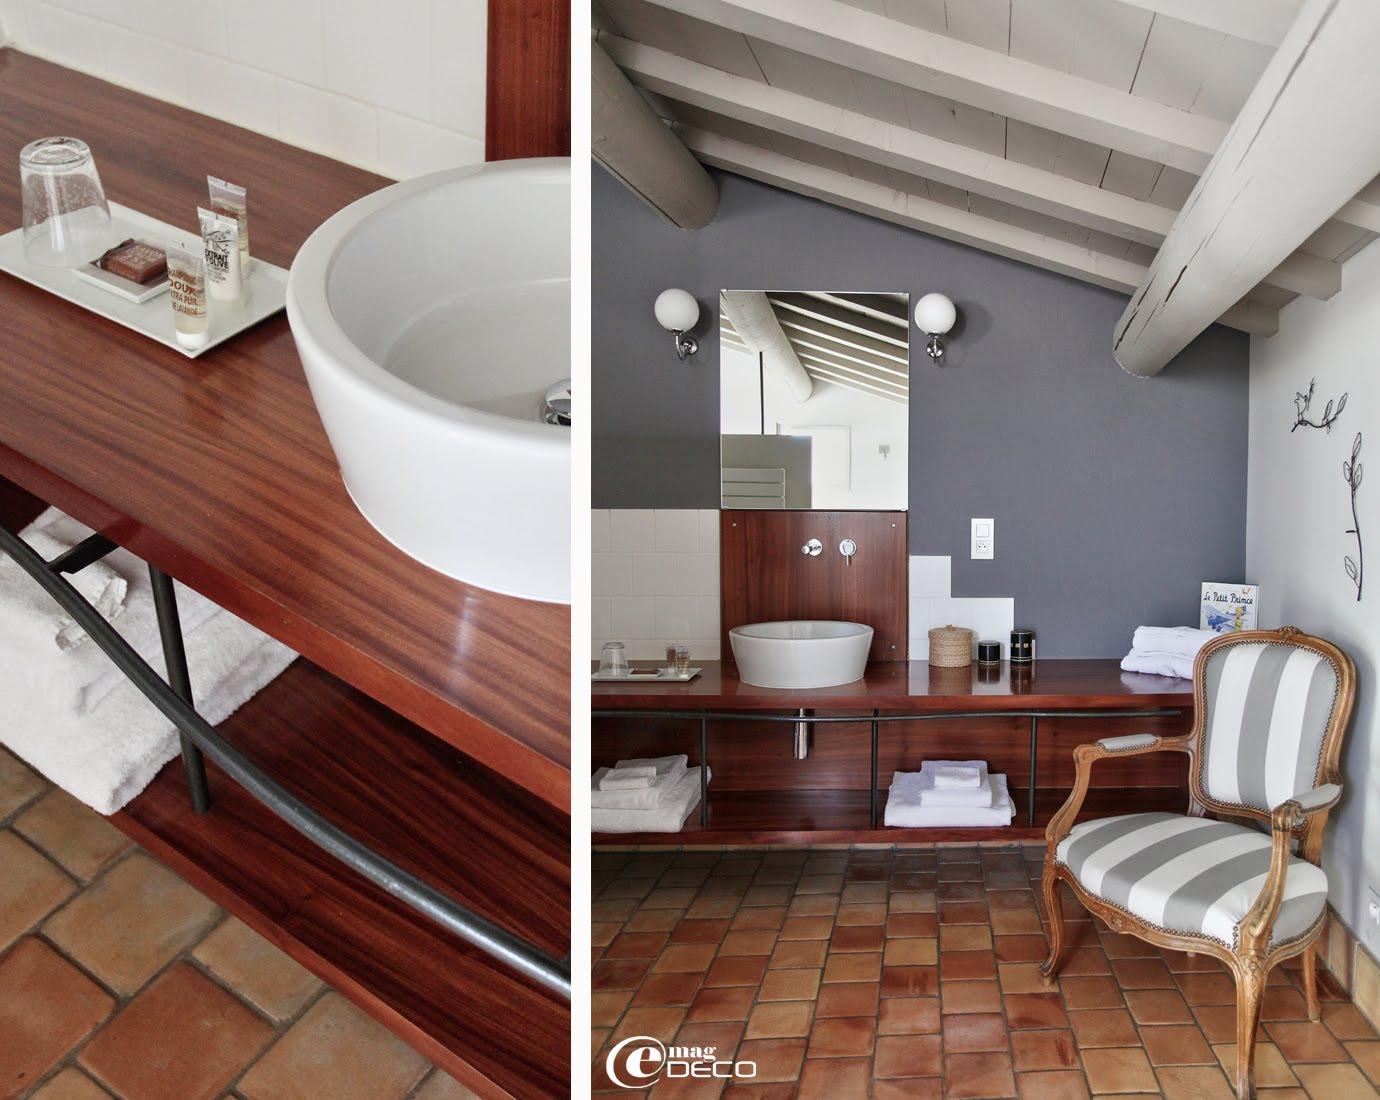 Salle de bain contemporaine dans la maison d'hôtes La Maison sur la Sorgue